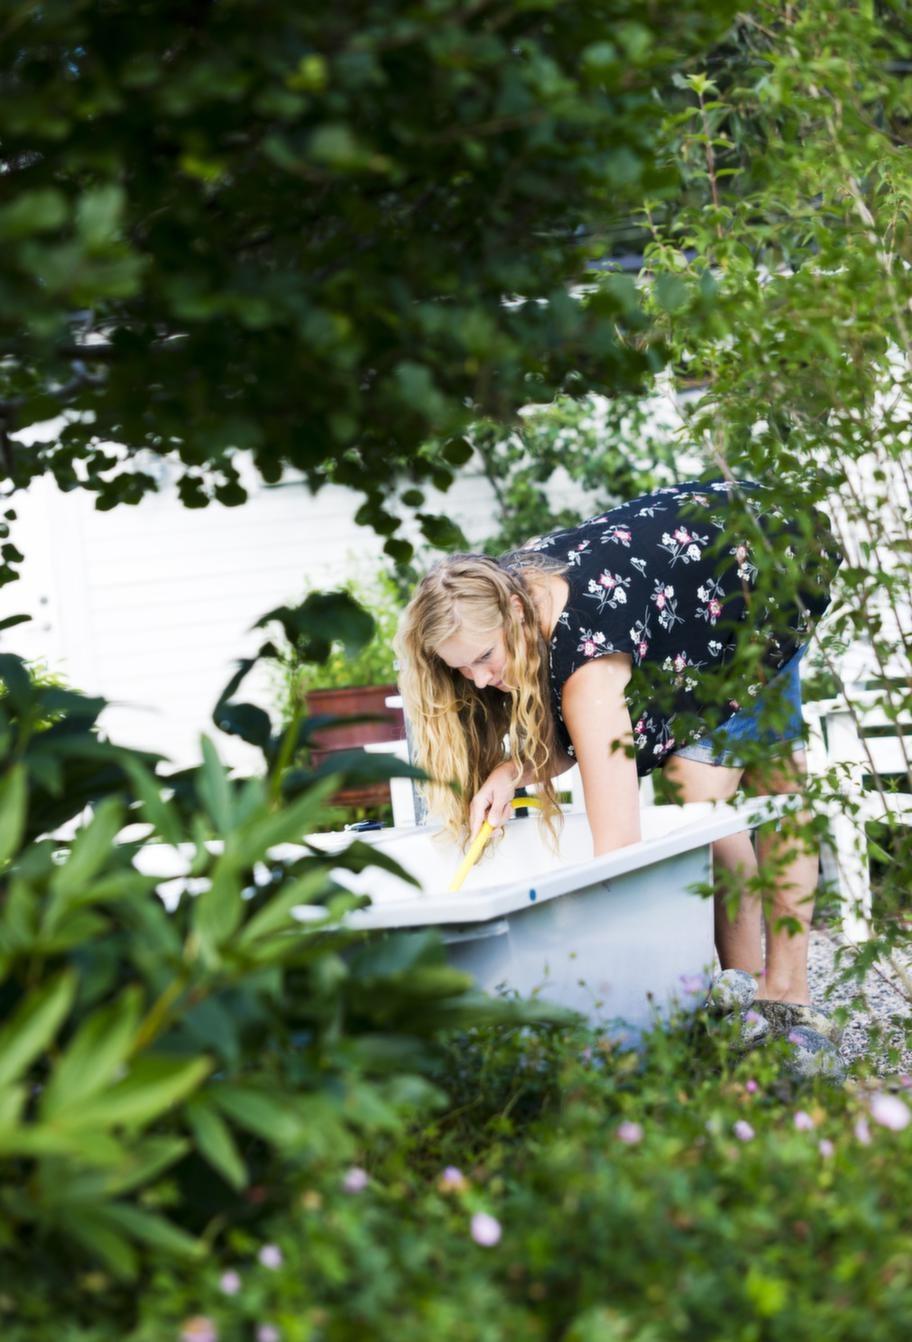 Lyx med badkar. Att inreda en del av trädgården som ett utespa är ett enkelt och billigt sätt att fixa lite vardagslyx.